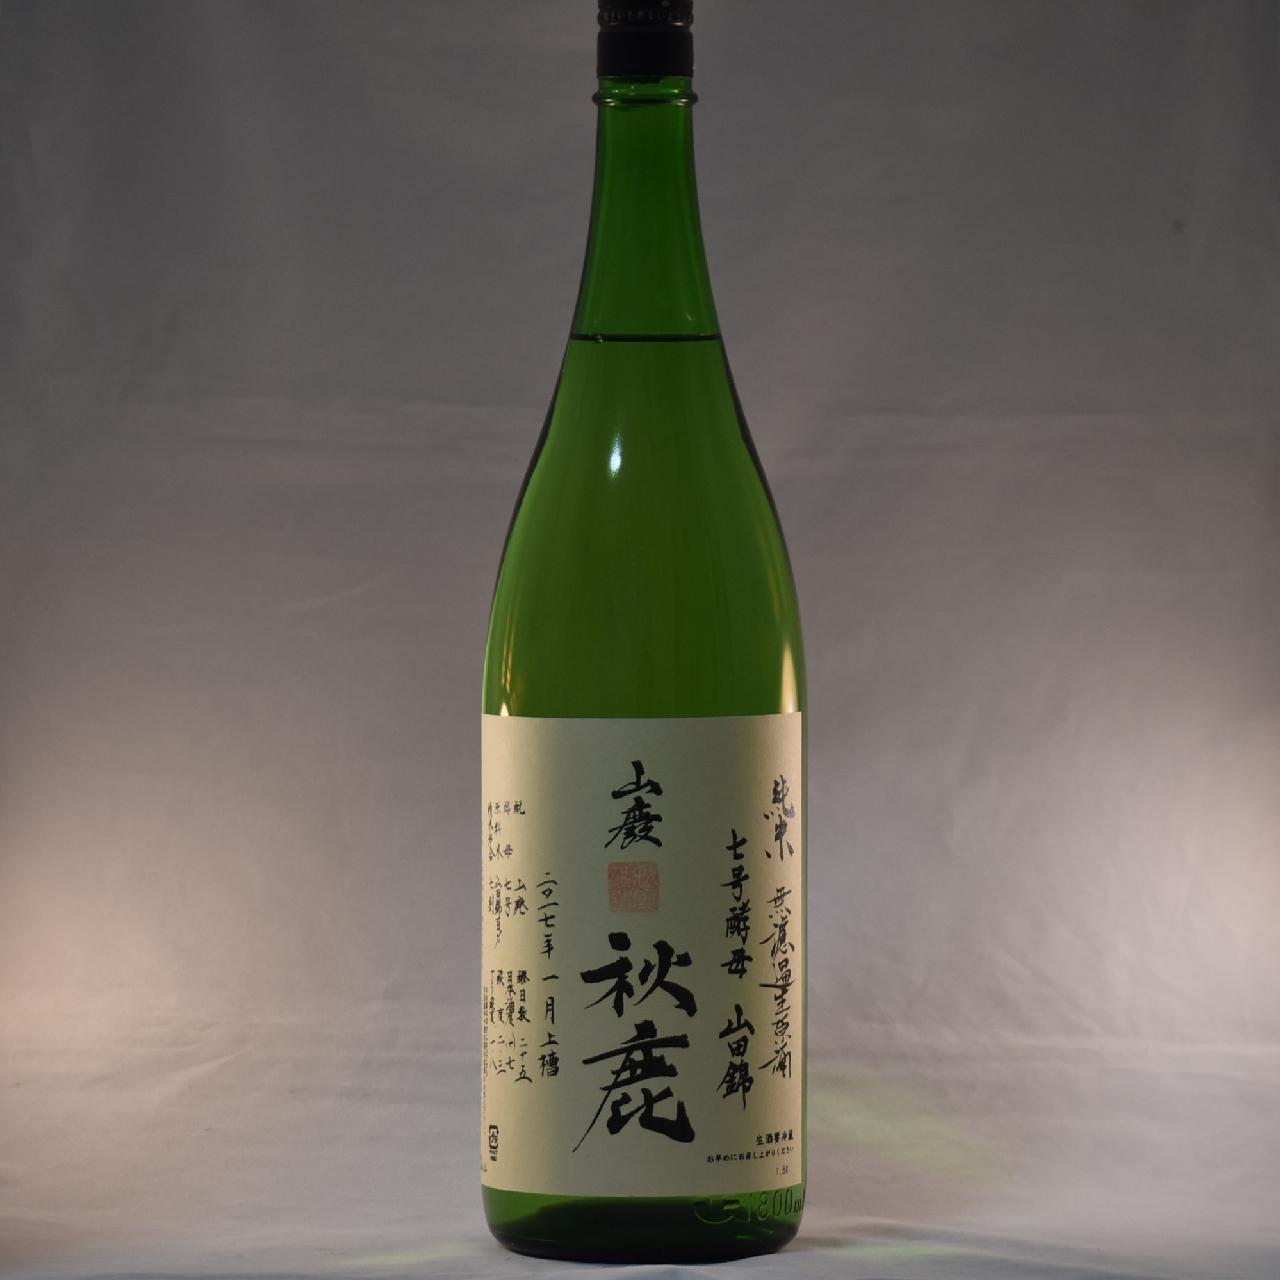 純米酒 山廃 無濾過生原酒 1.8L